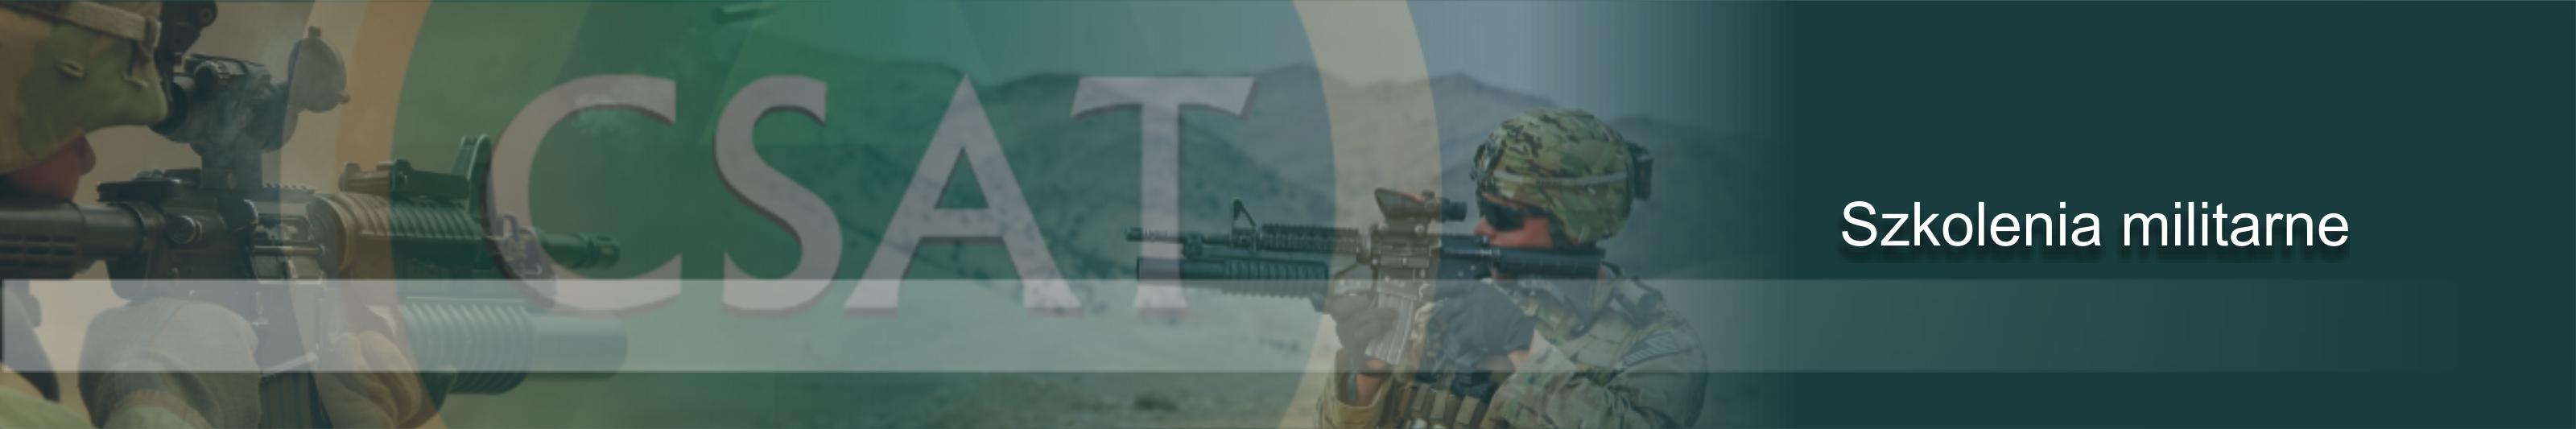 CSAT szkolenia militrane